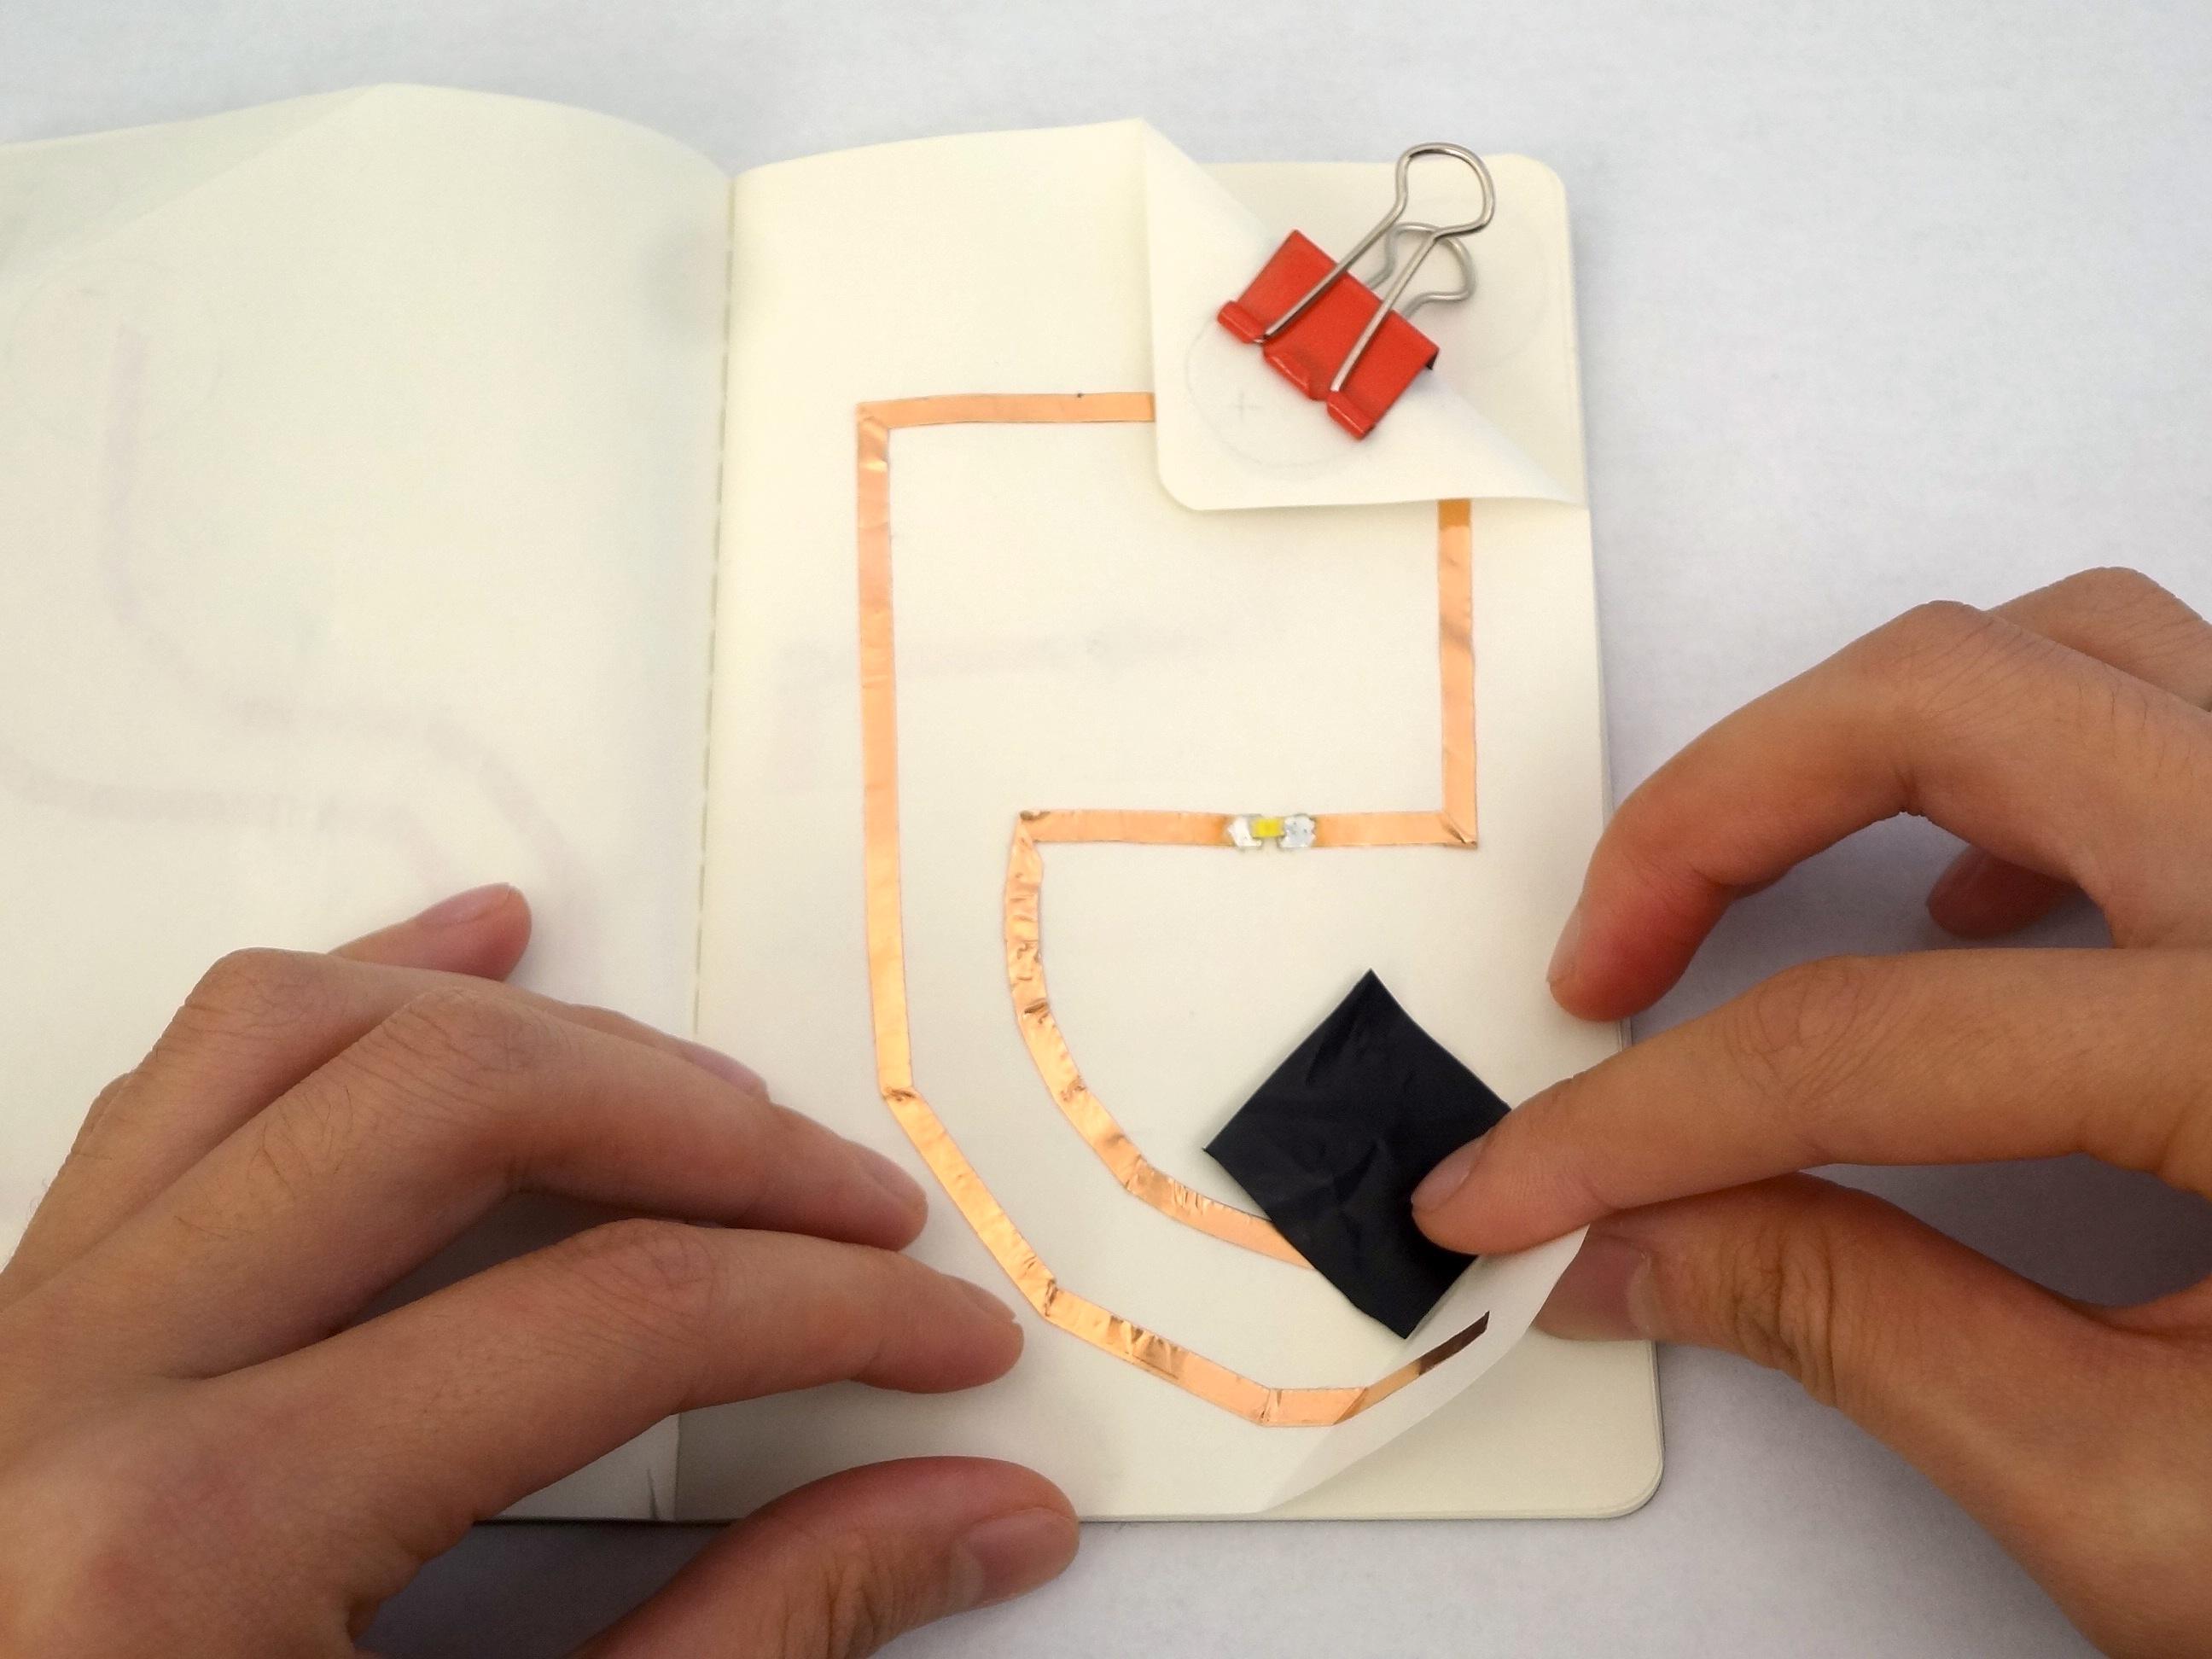 inserting pressure sensor paper